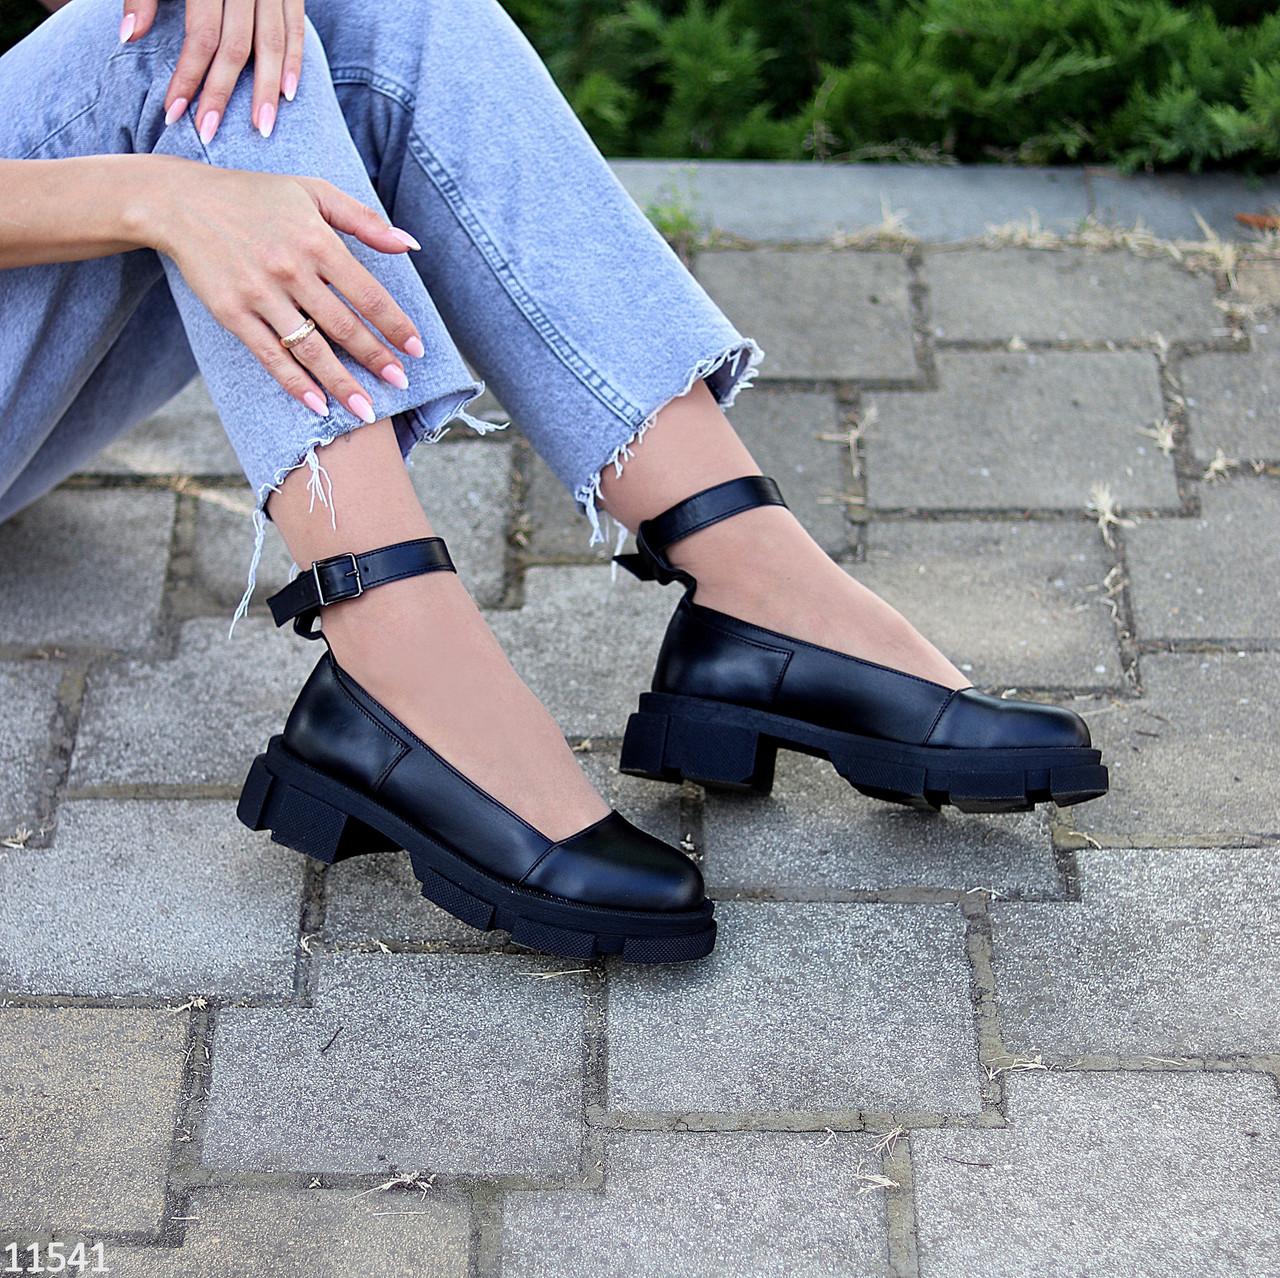 Шкіряні жіночі туфлі натуральна шкіра шлейка на товстій підошві 36-23,5 37-24 38-24,5 39-25 40-25,5 см